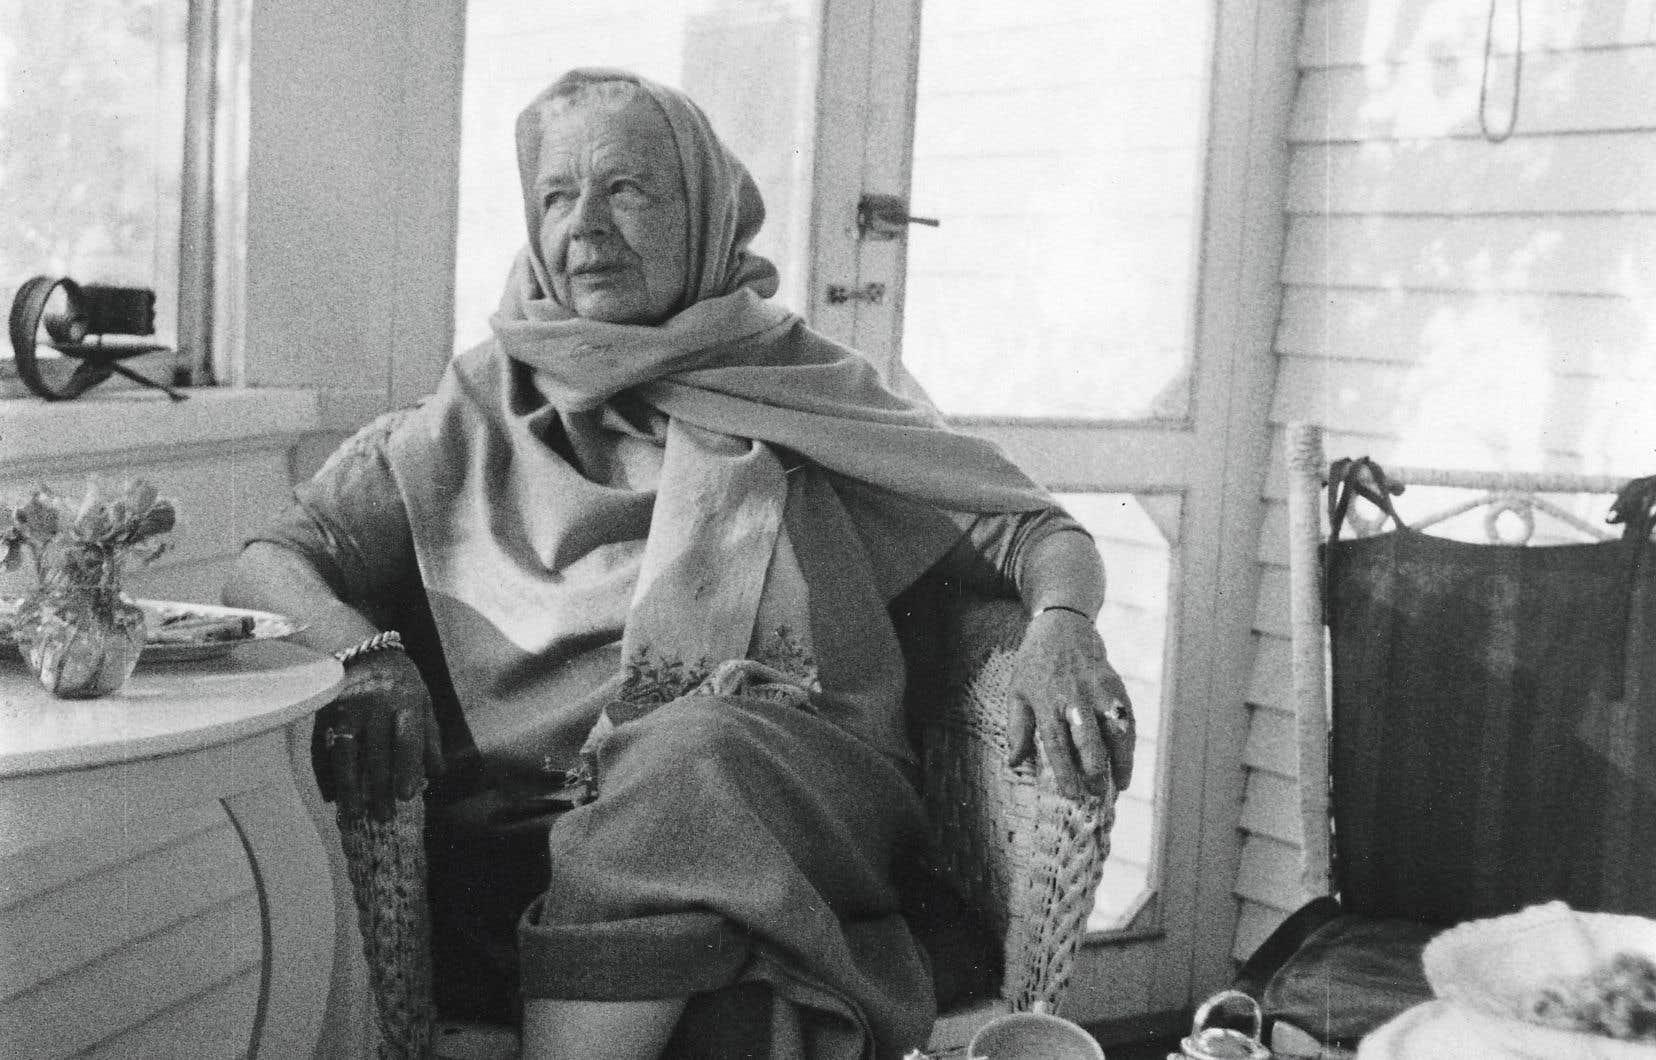 Au fil des pages et des photos du livre d'Achmy Halley, on découvre une femme proche de la vie, foncièrement marginale et écologiste avant l'heure.